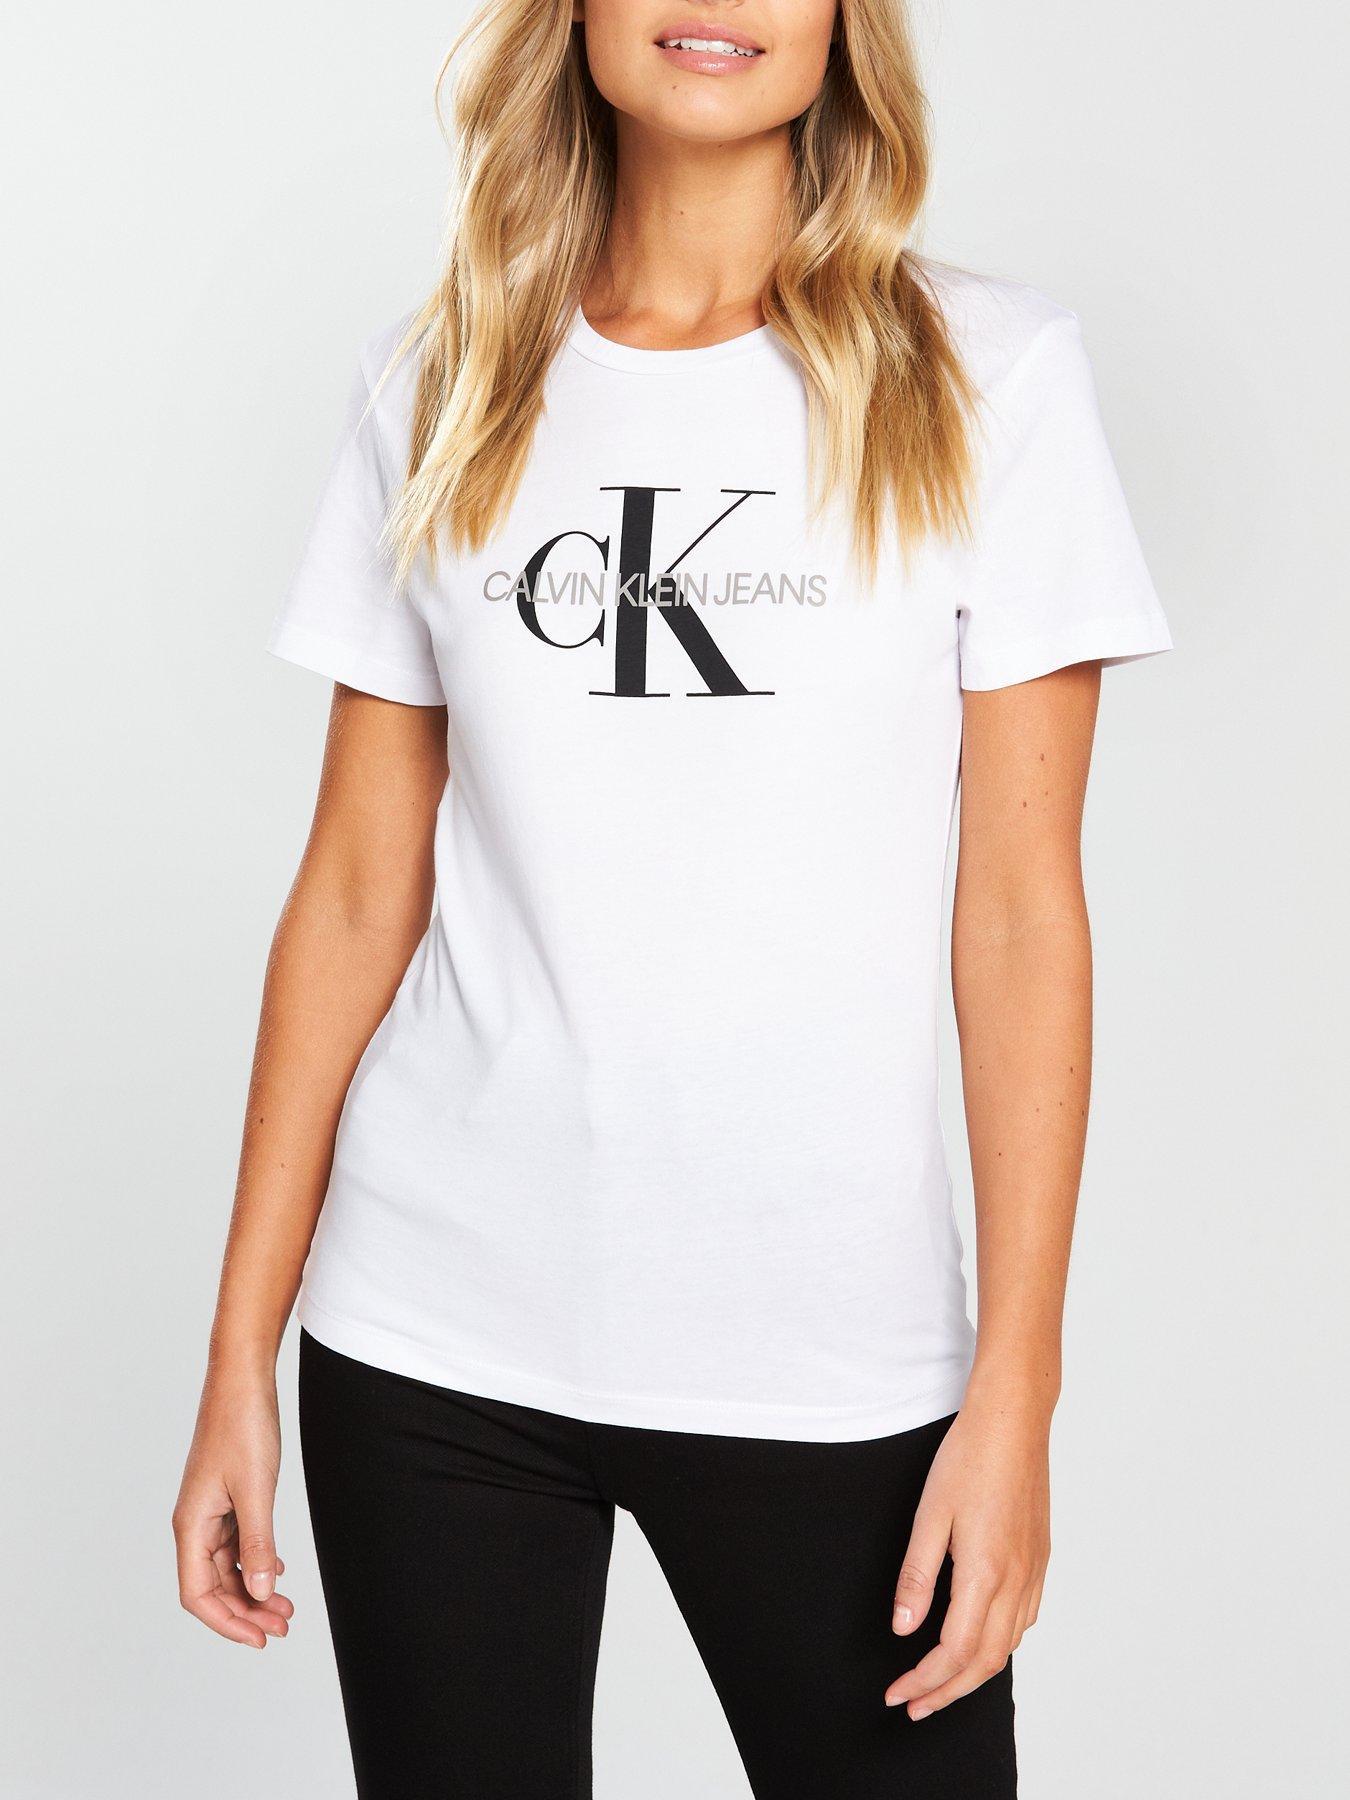 Calvin klein | Brand store |